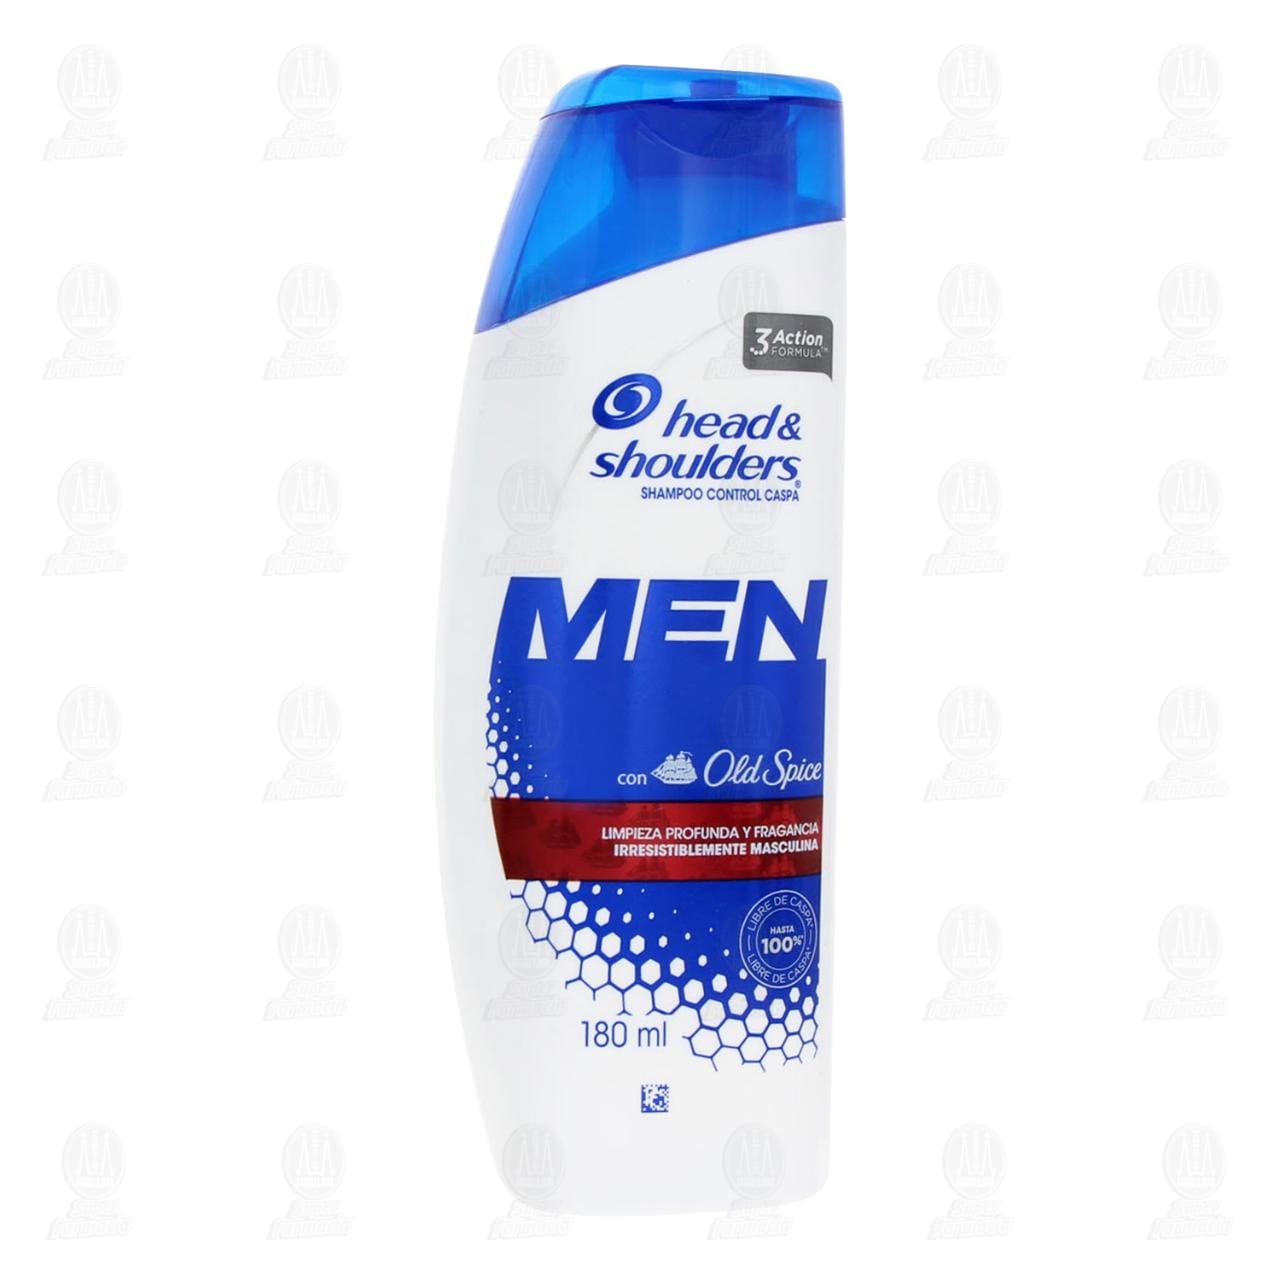 Comprar Shampoo Head & Shoulders Men con Old Spice Control Caspa, 180 ml. en Farmacias Guadalajara